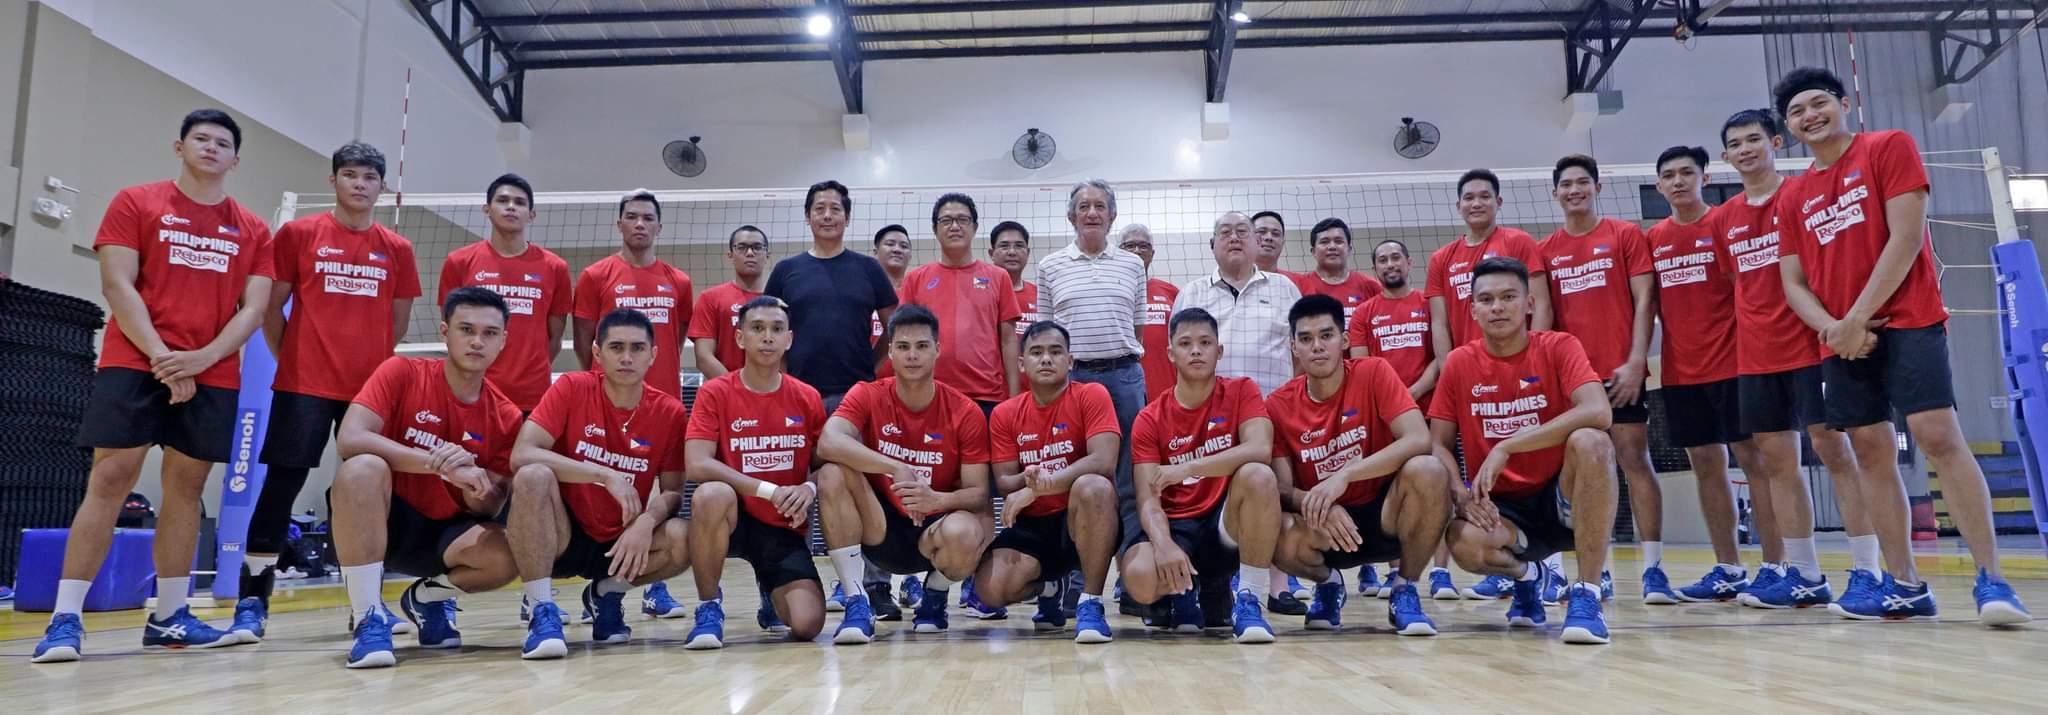 2021-AVC-Mens-Club-Championship-Rebisco-1 Marano, De Guzman captain Rebisco PH as Tolenada skippers Choco Mucho in AVC Club News Volleyball  - philippine sports news